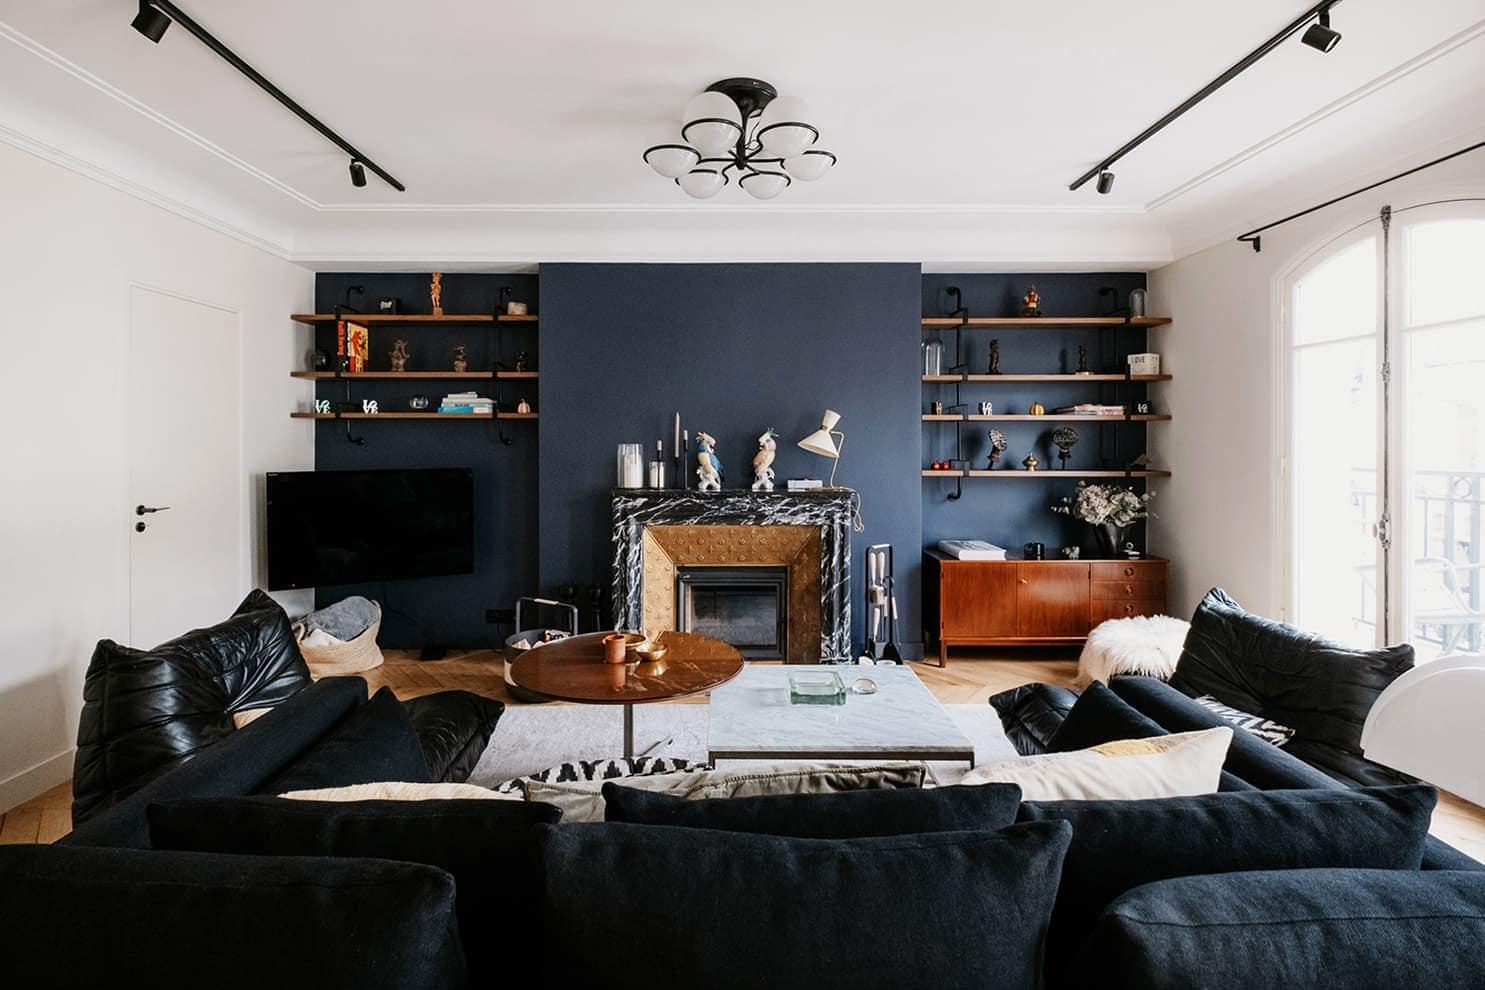 Le salon, comme toile de fond, scénarisant les objets et le mobilier chinés, sans les éclipser. Lustre (Gino Sarfati - Astep). Éclairage architectural (Wever&Ducré)